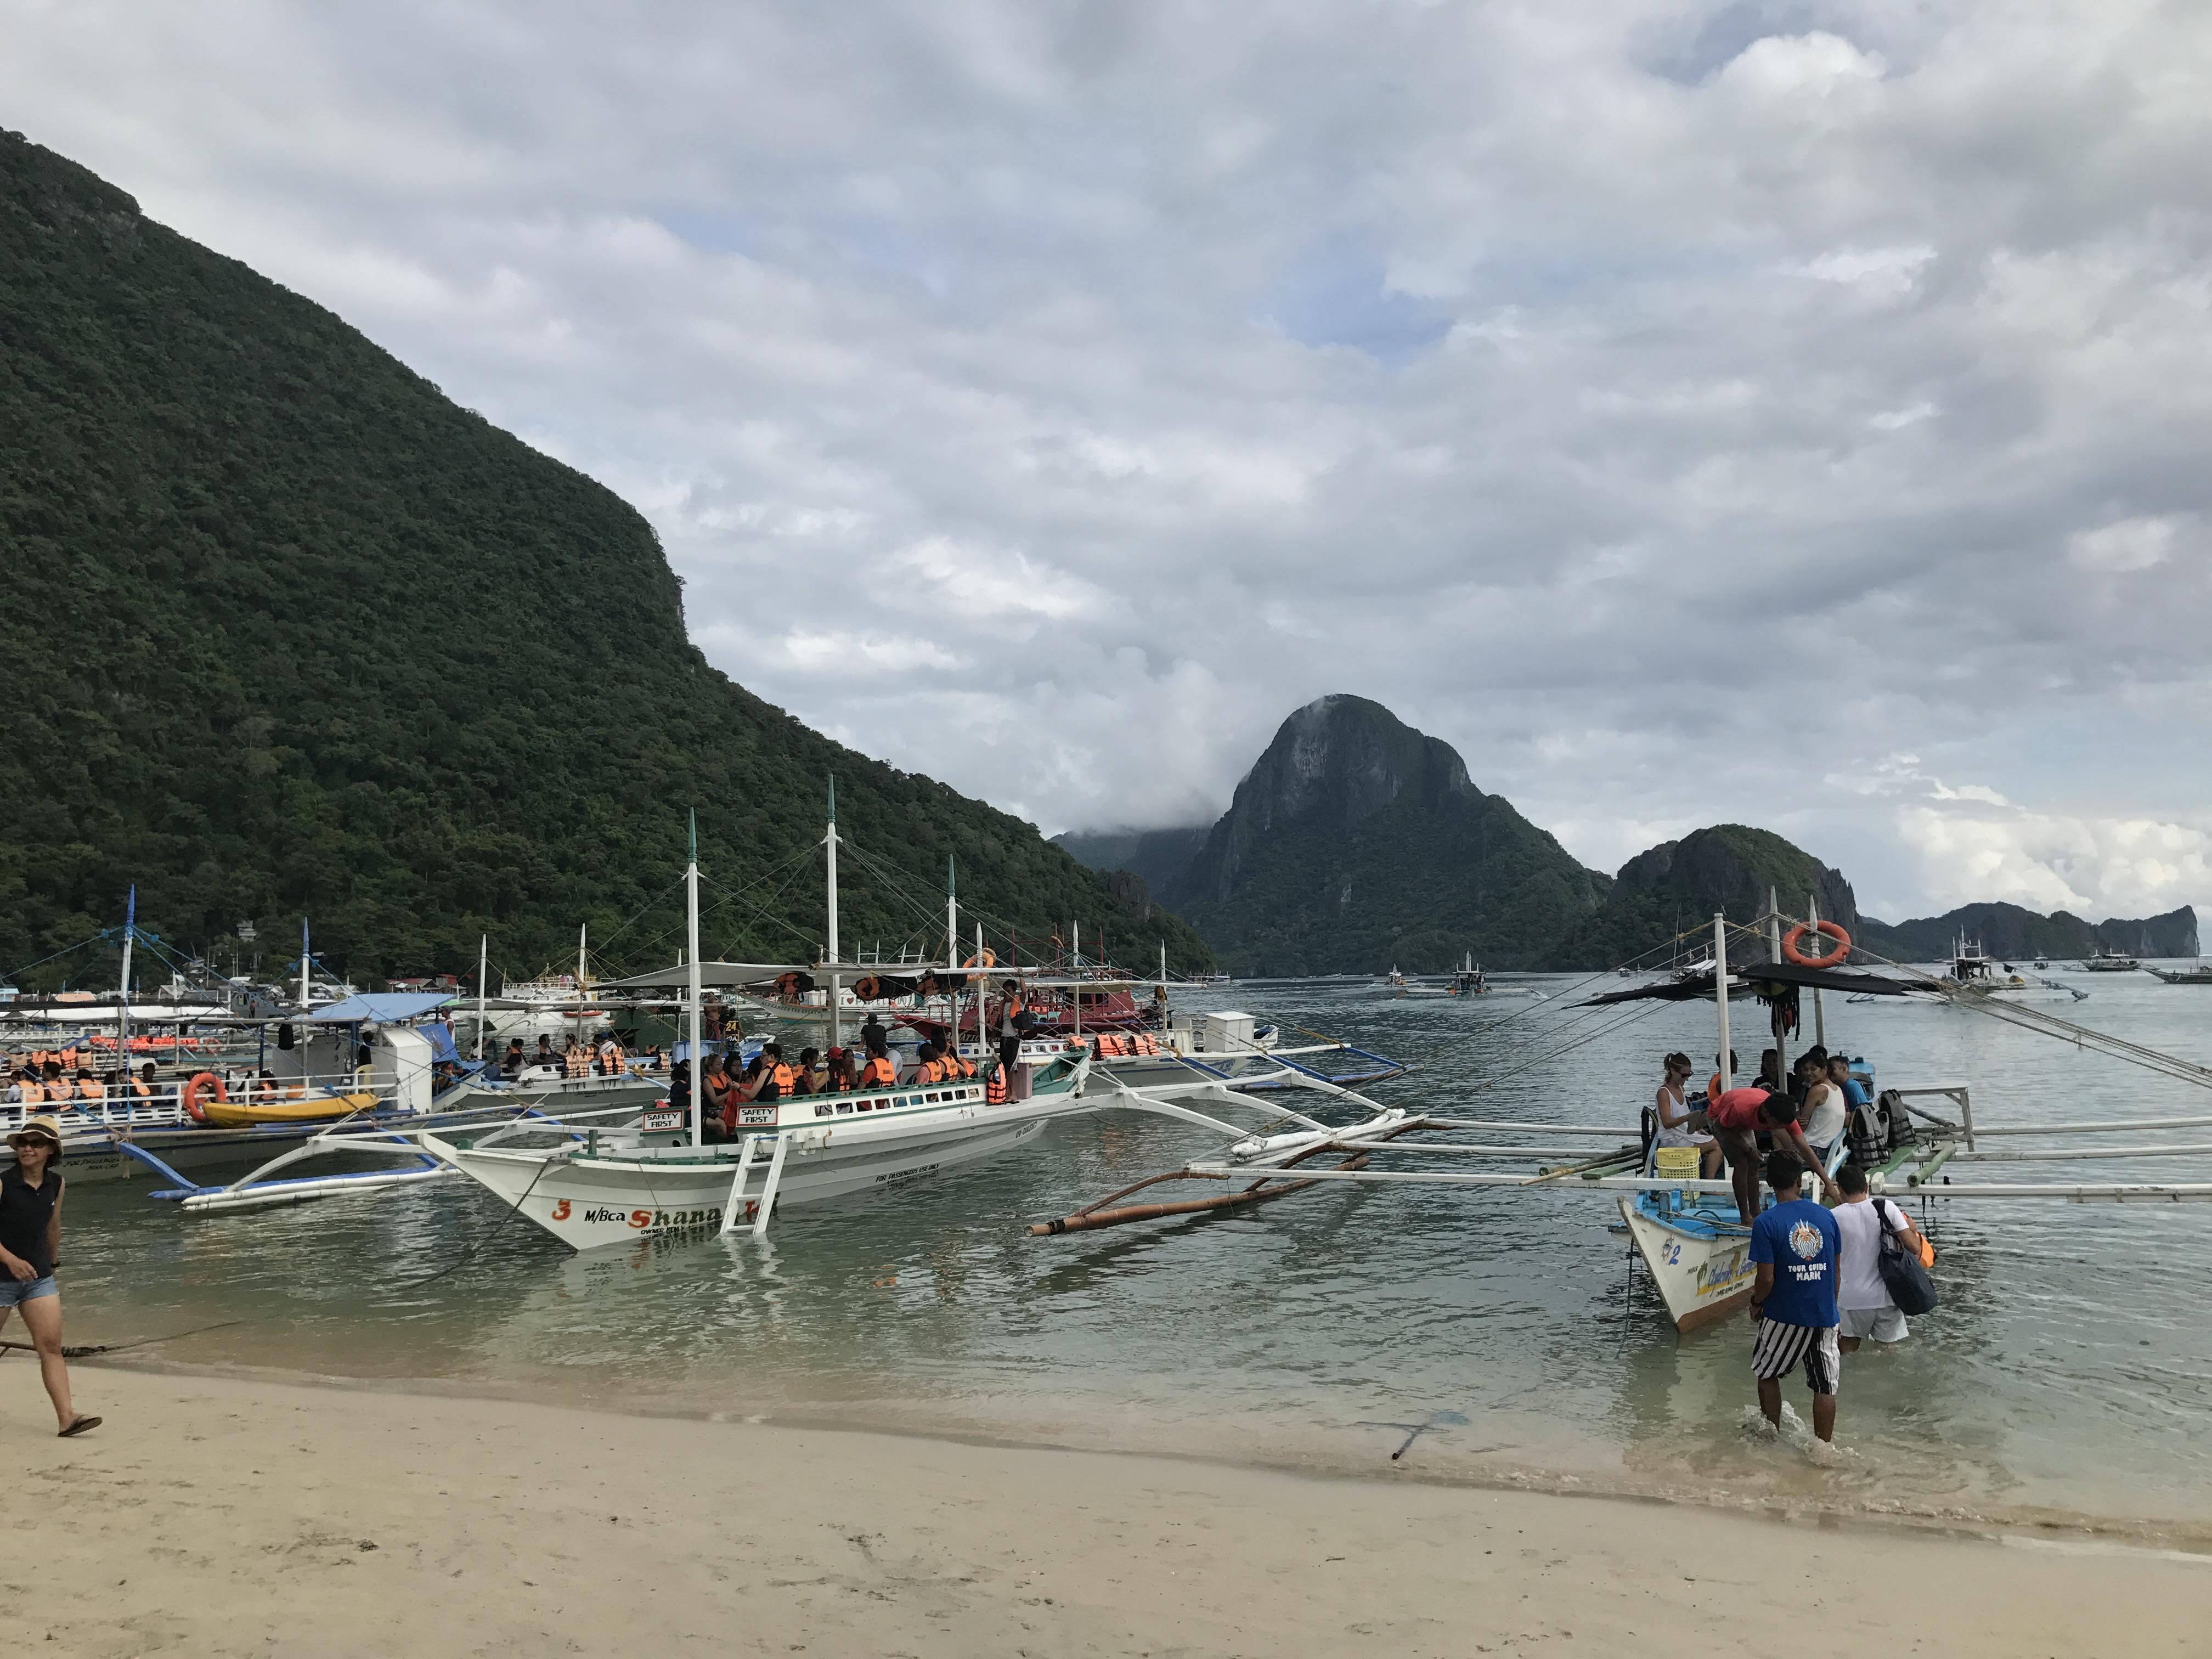 El Nido Boats